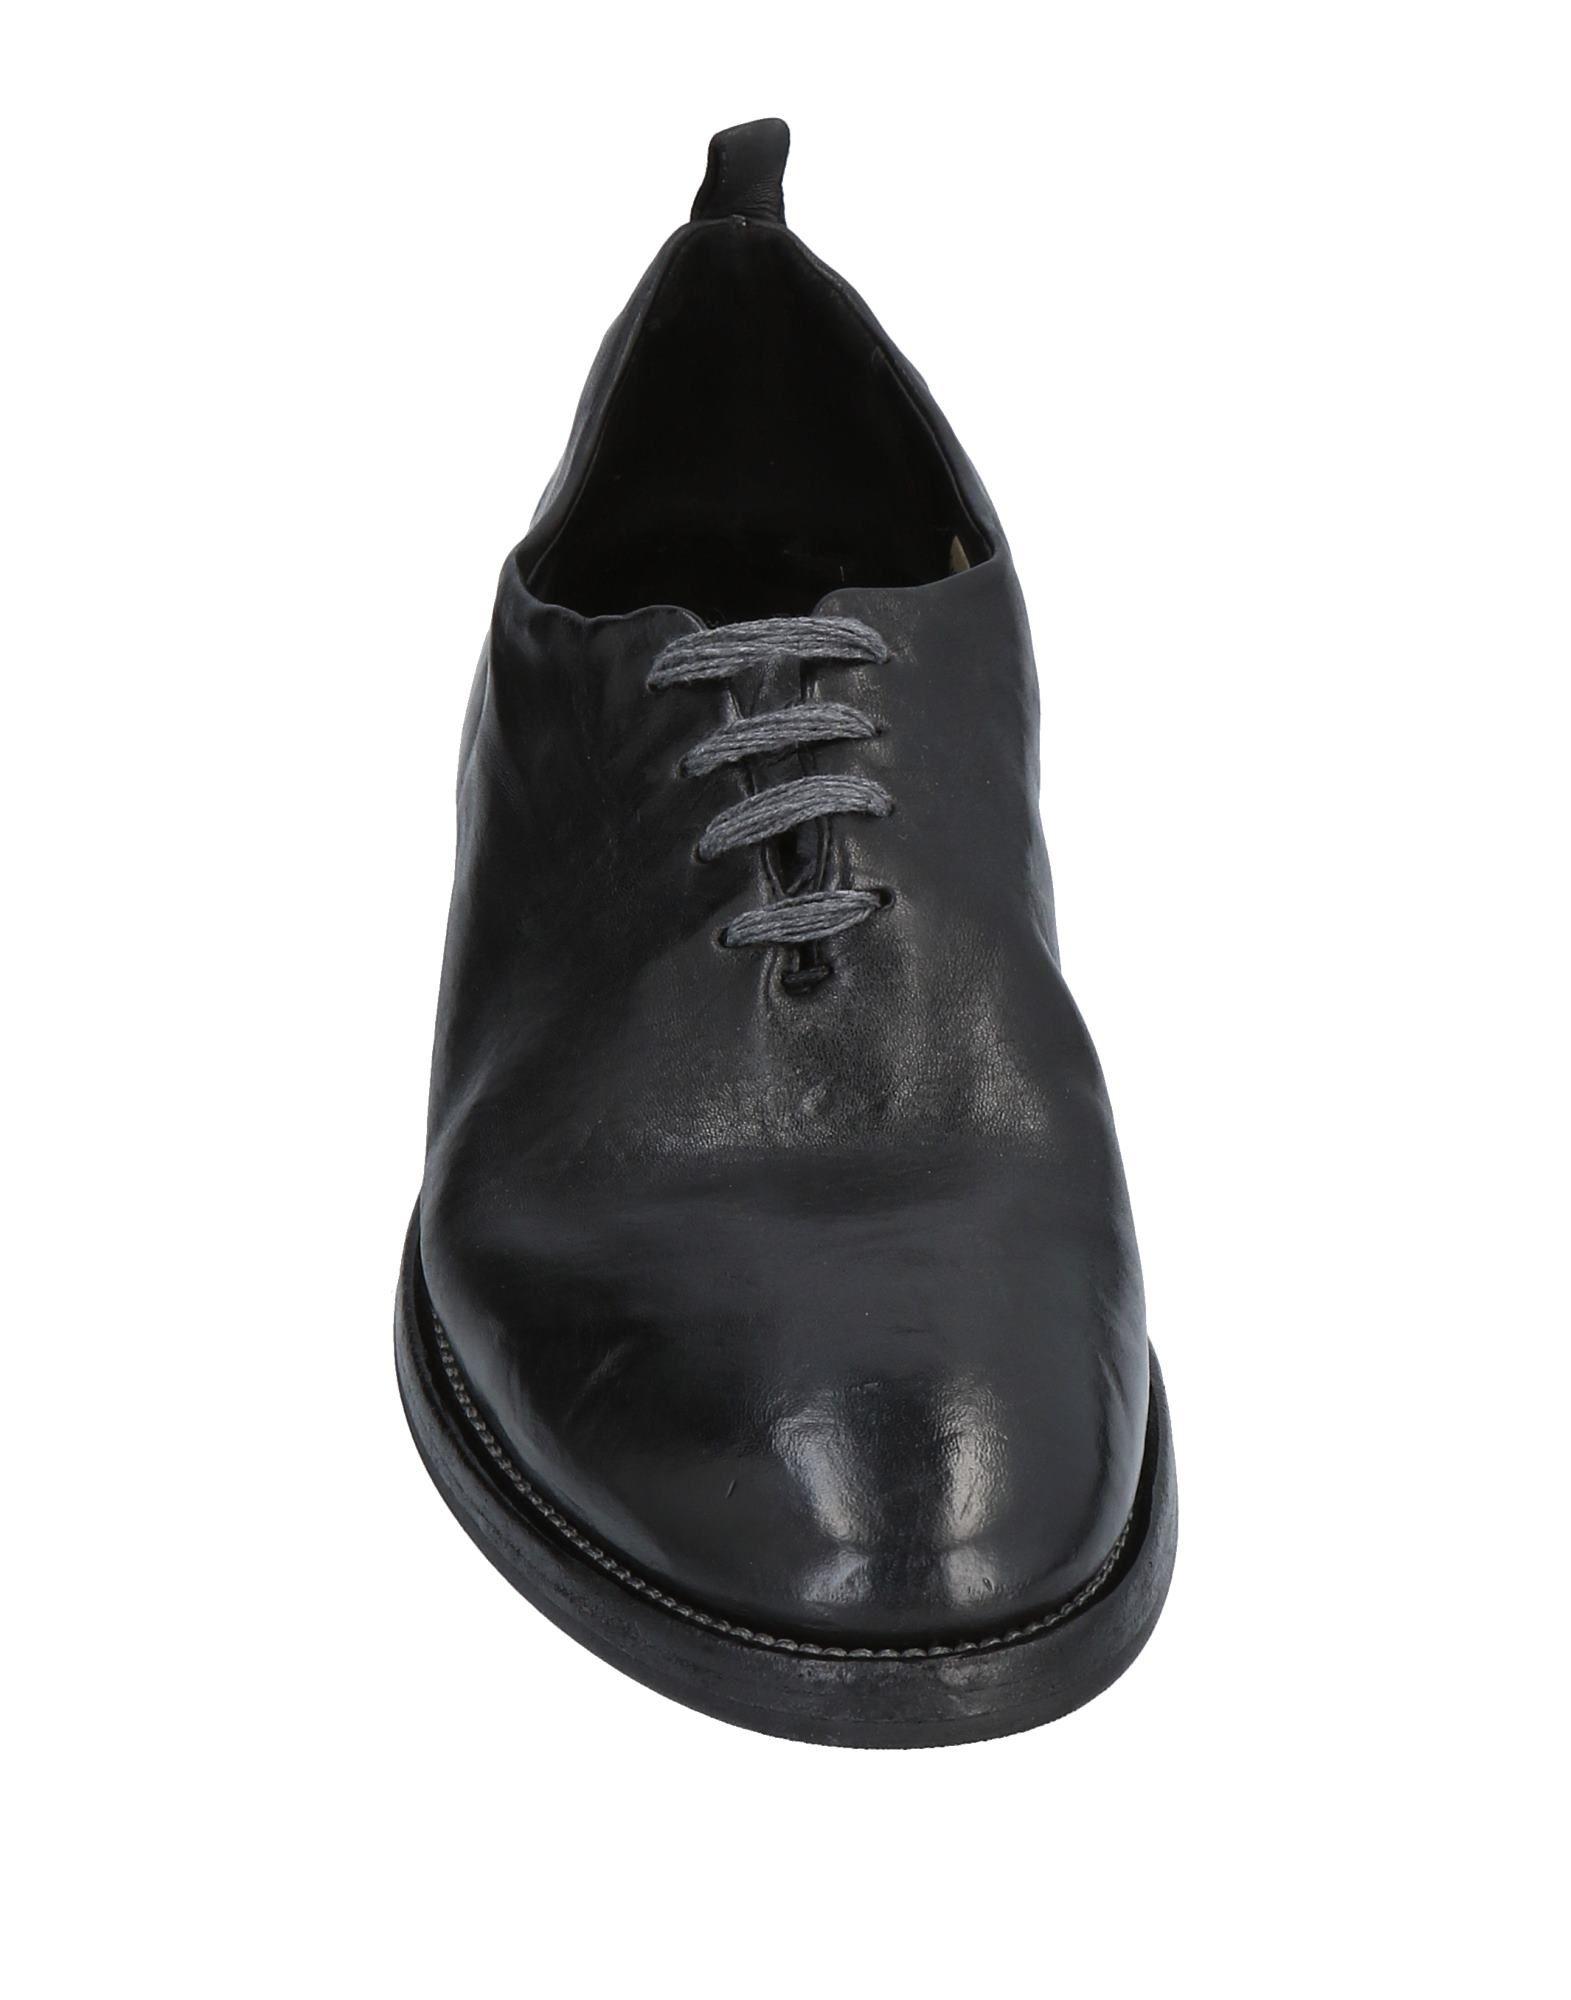 Sartori Gold Schnürschuhe Herren  11472806KF Gute Qualität beliebte Schuhe